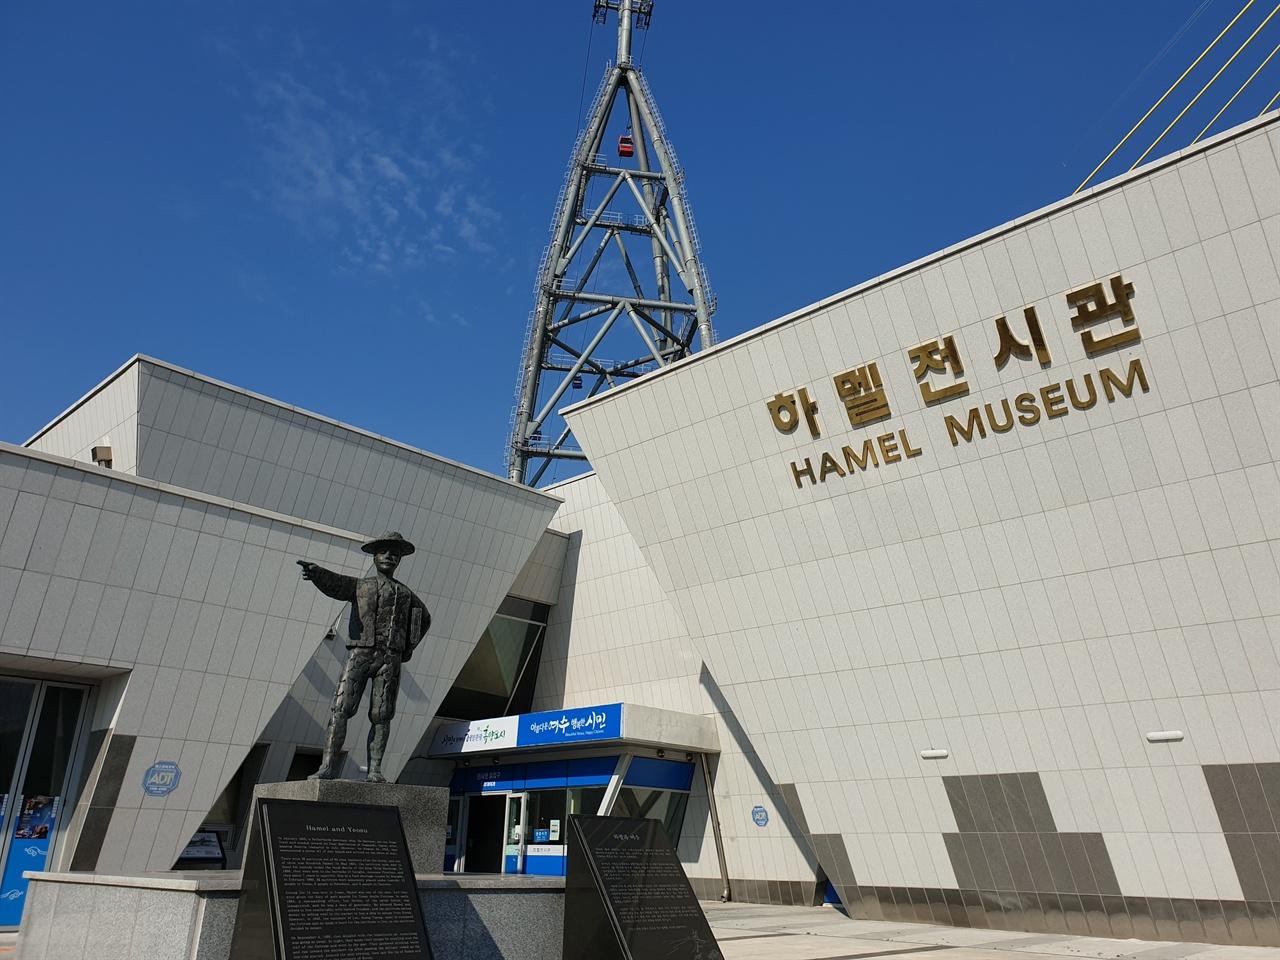 과거 하멜이 조선을 탈출했을 당시 위치에는 하멜을 기리는 전시관과 그의 이름을 딴 등대가 세워져 있다.